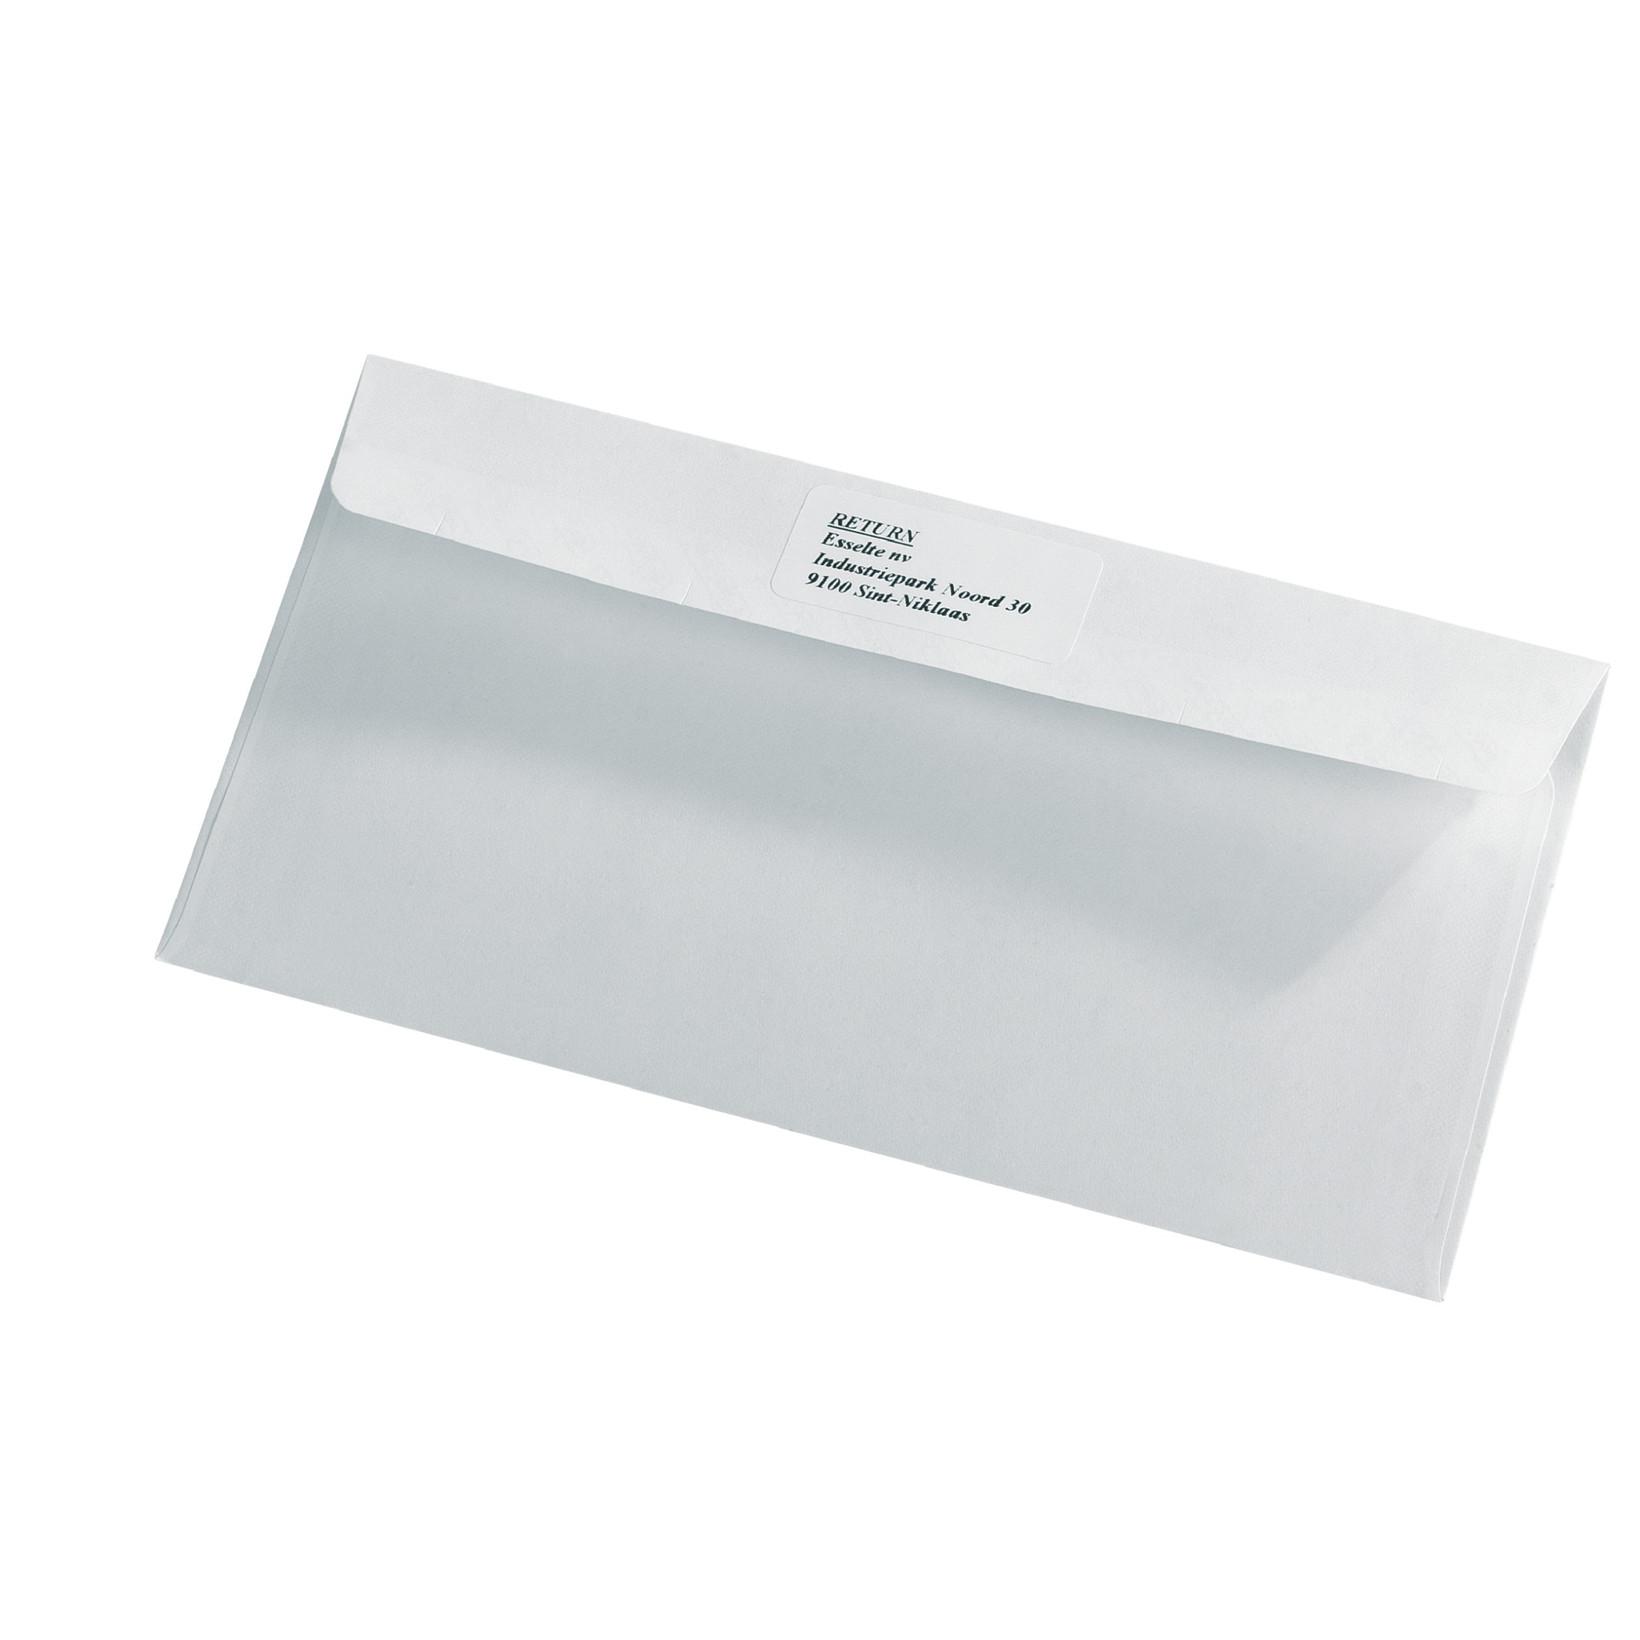 DYMO 11352 - Etiketter returadresse hvide 25 x54 mm - 500 stk